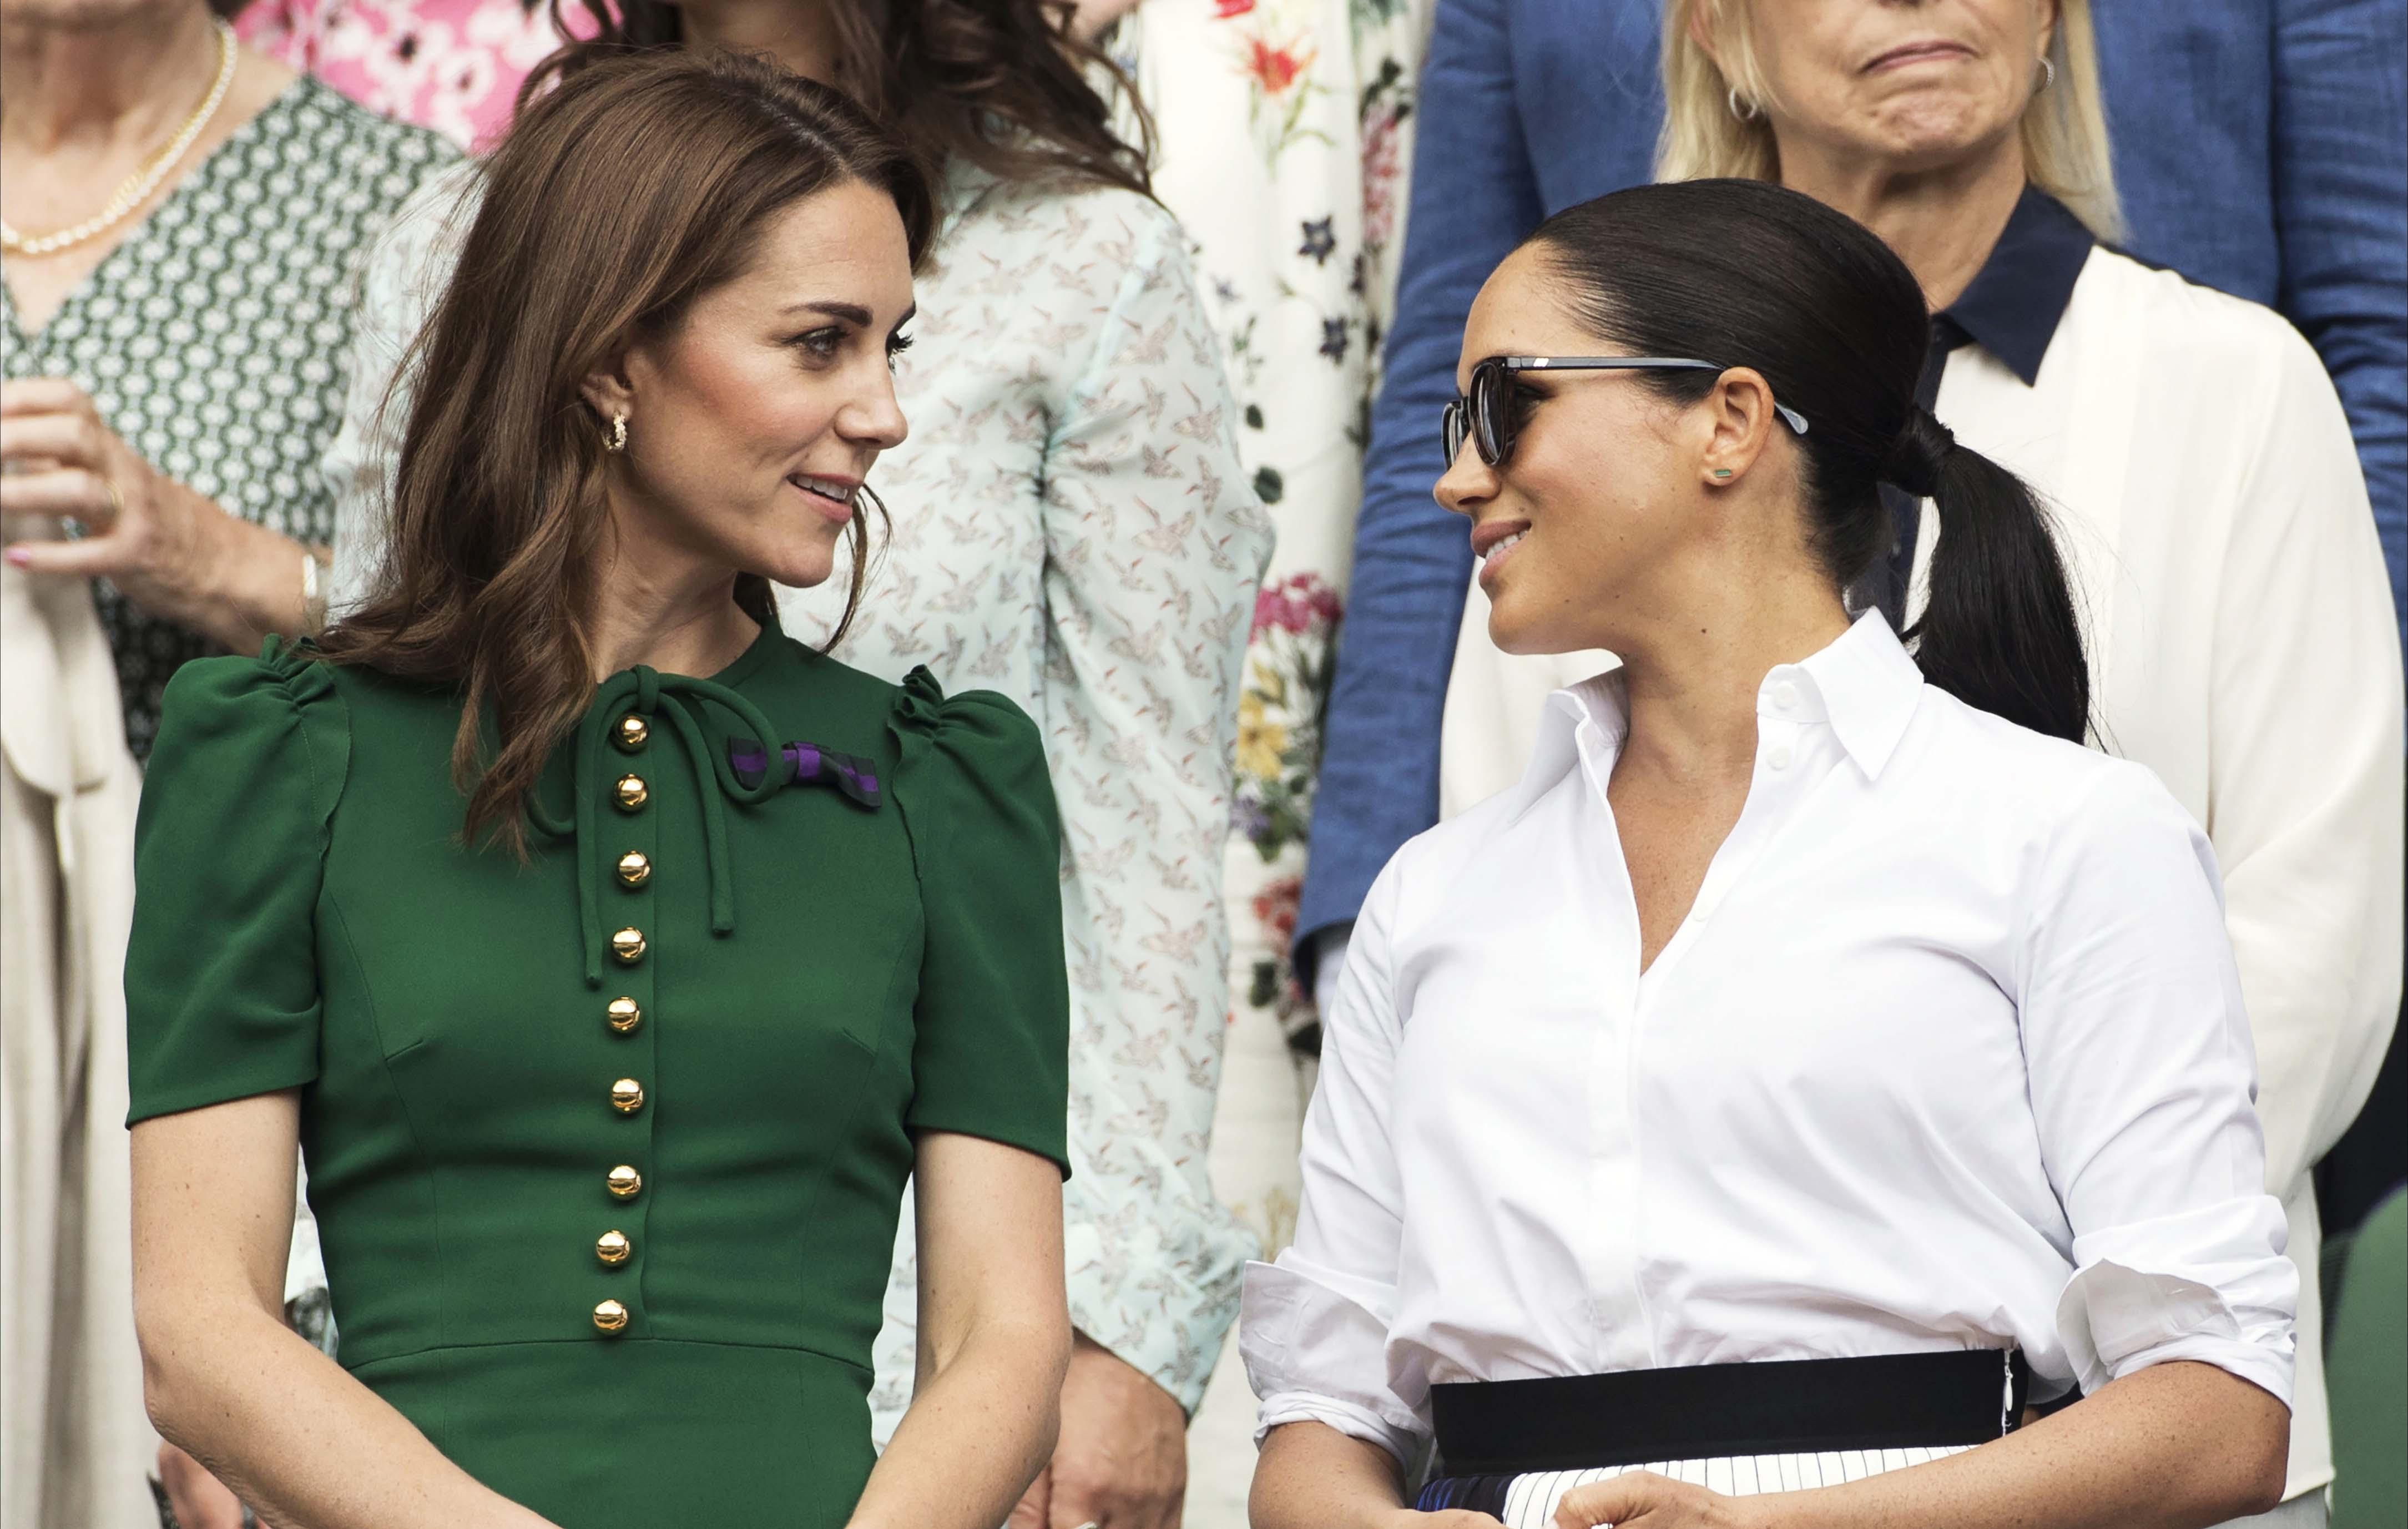 Cambridgen herttuatar Catherine (vas.) ja Sussexin herttuatar Meghan (oik.) katsoivat yhdessä Wimbledonin tennisturnauksen naisten finaalin heinäkuussa. Se oli harvinaista herkkua kuninkaallisfaneille, sillä naiset edustavat harvoin vain keskenään.